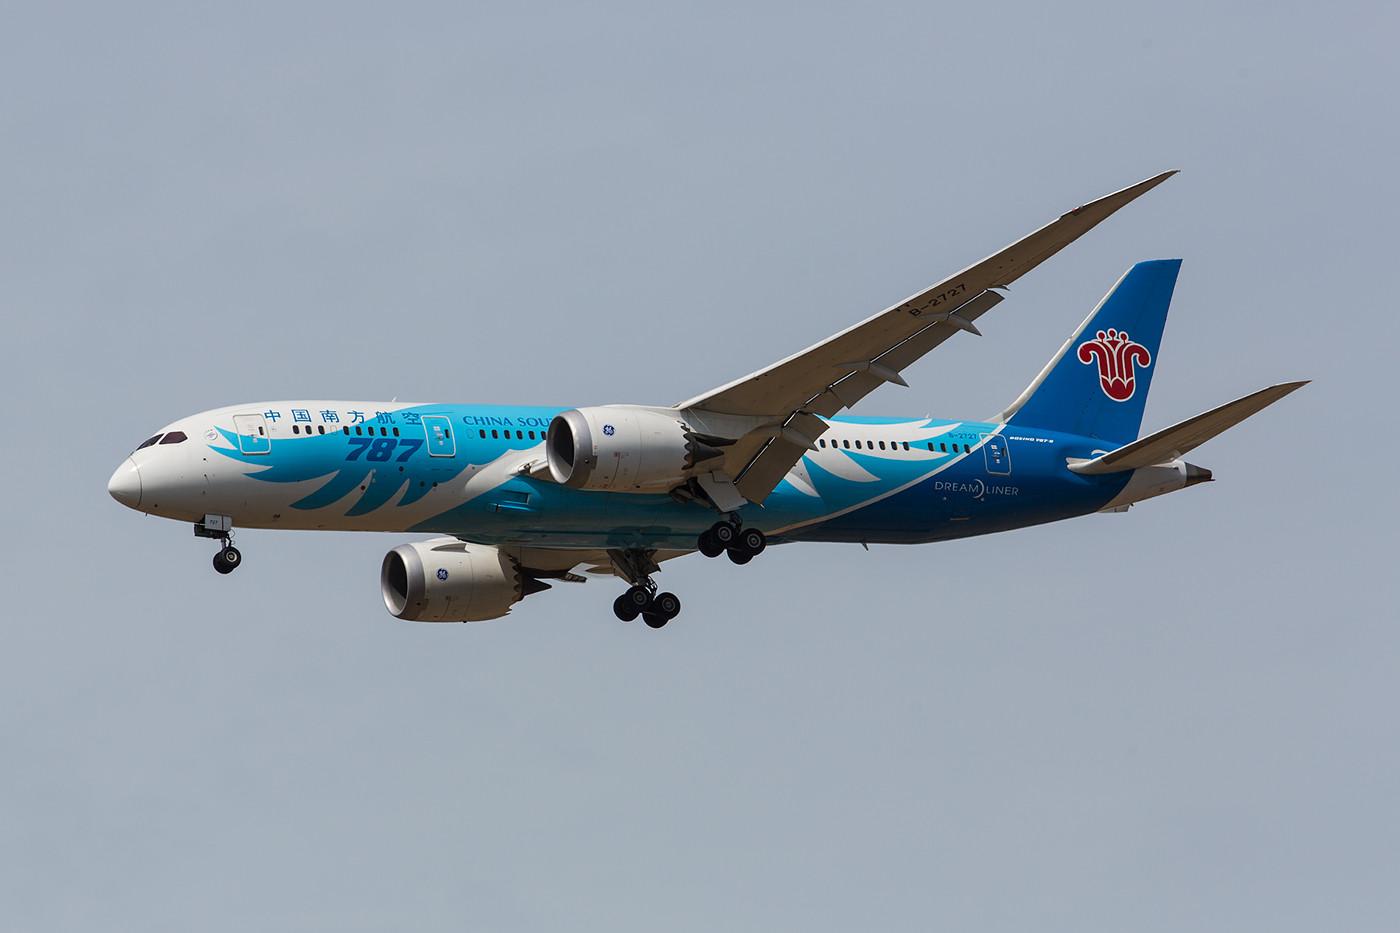 Gegen 14:30 Uhr kommt täglich ein Dreamliner der China Southern aus Guangzhou.